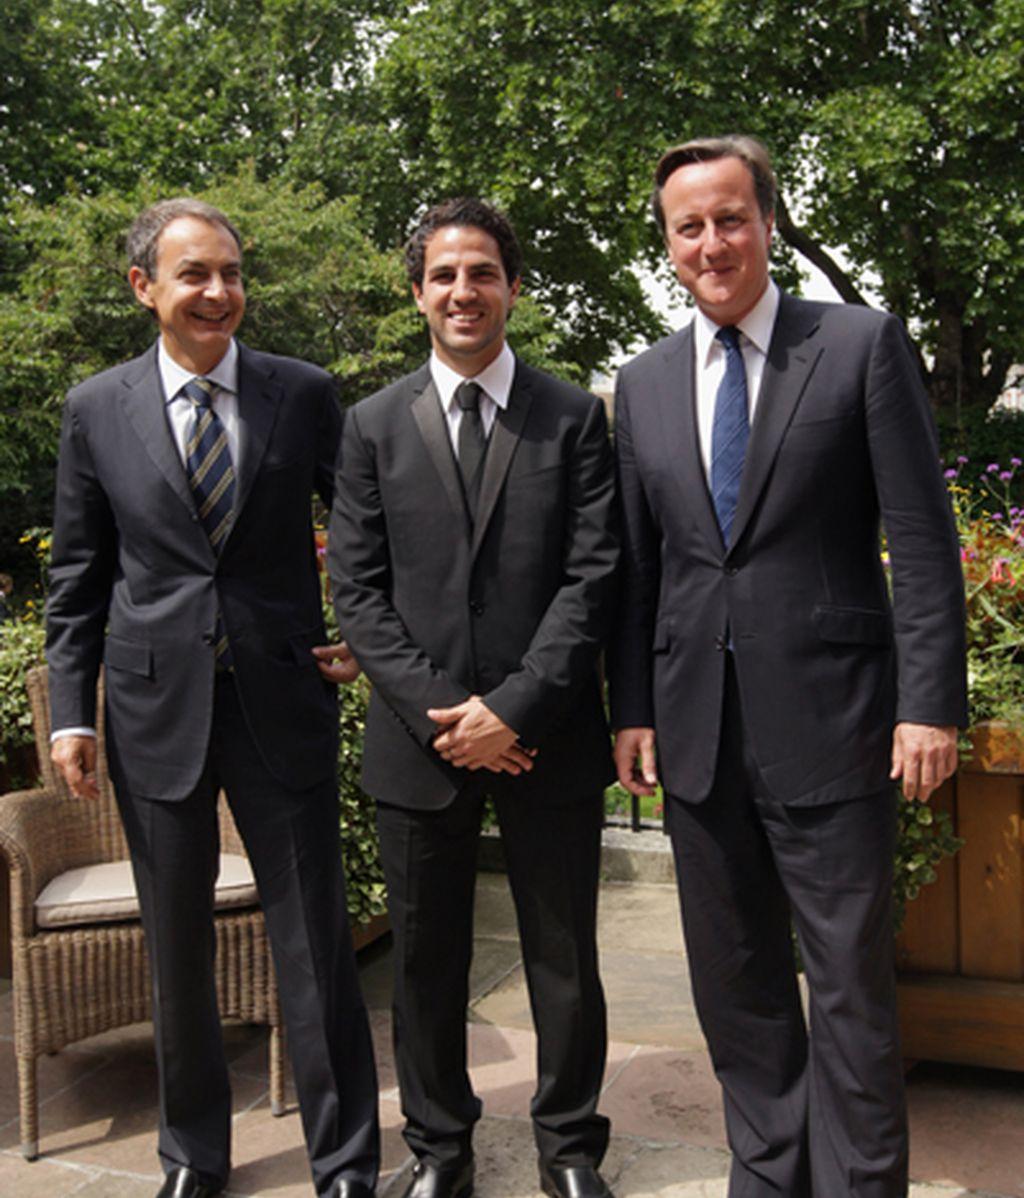 Cesc junto a David Cameron y Zapatero en una reciente recepción en Londres